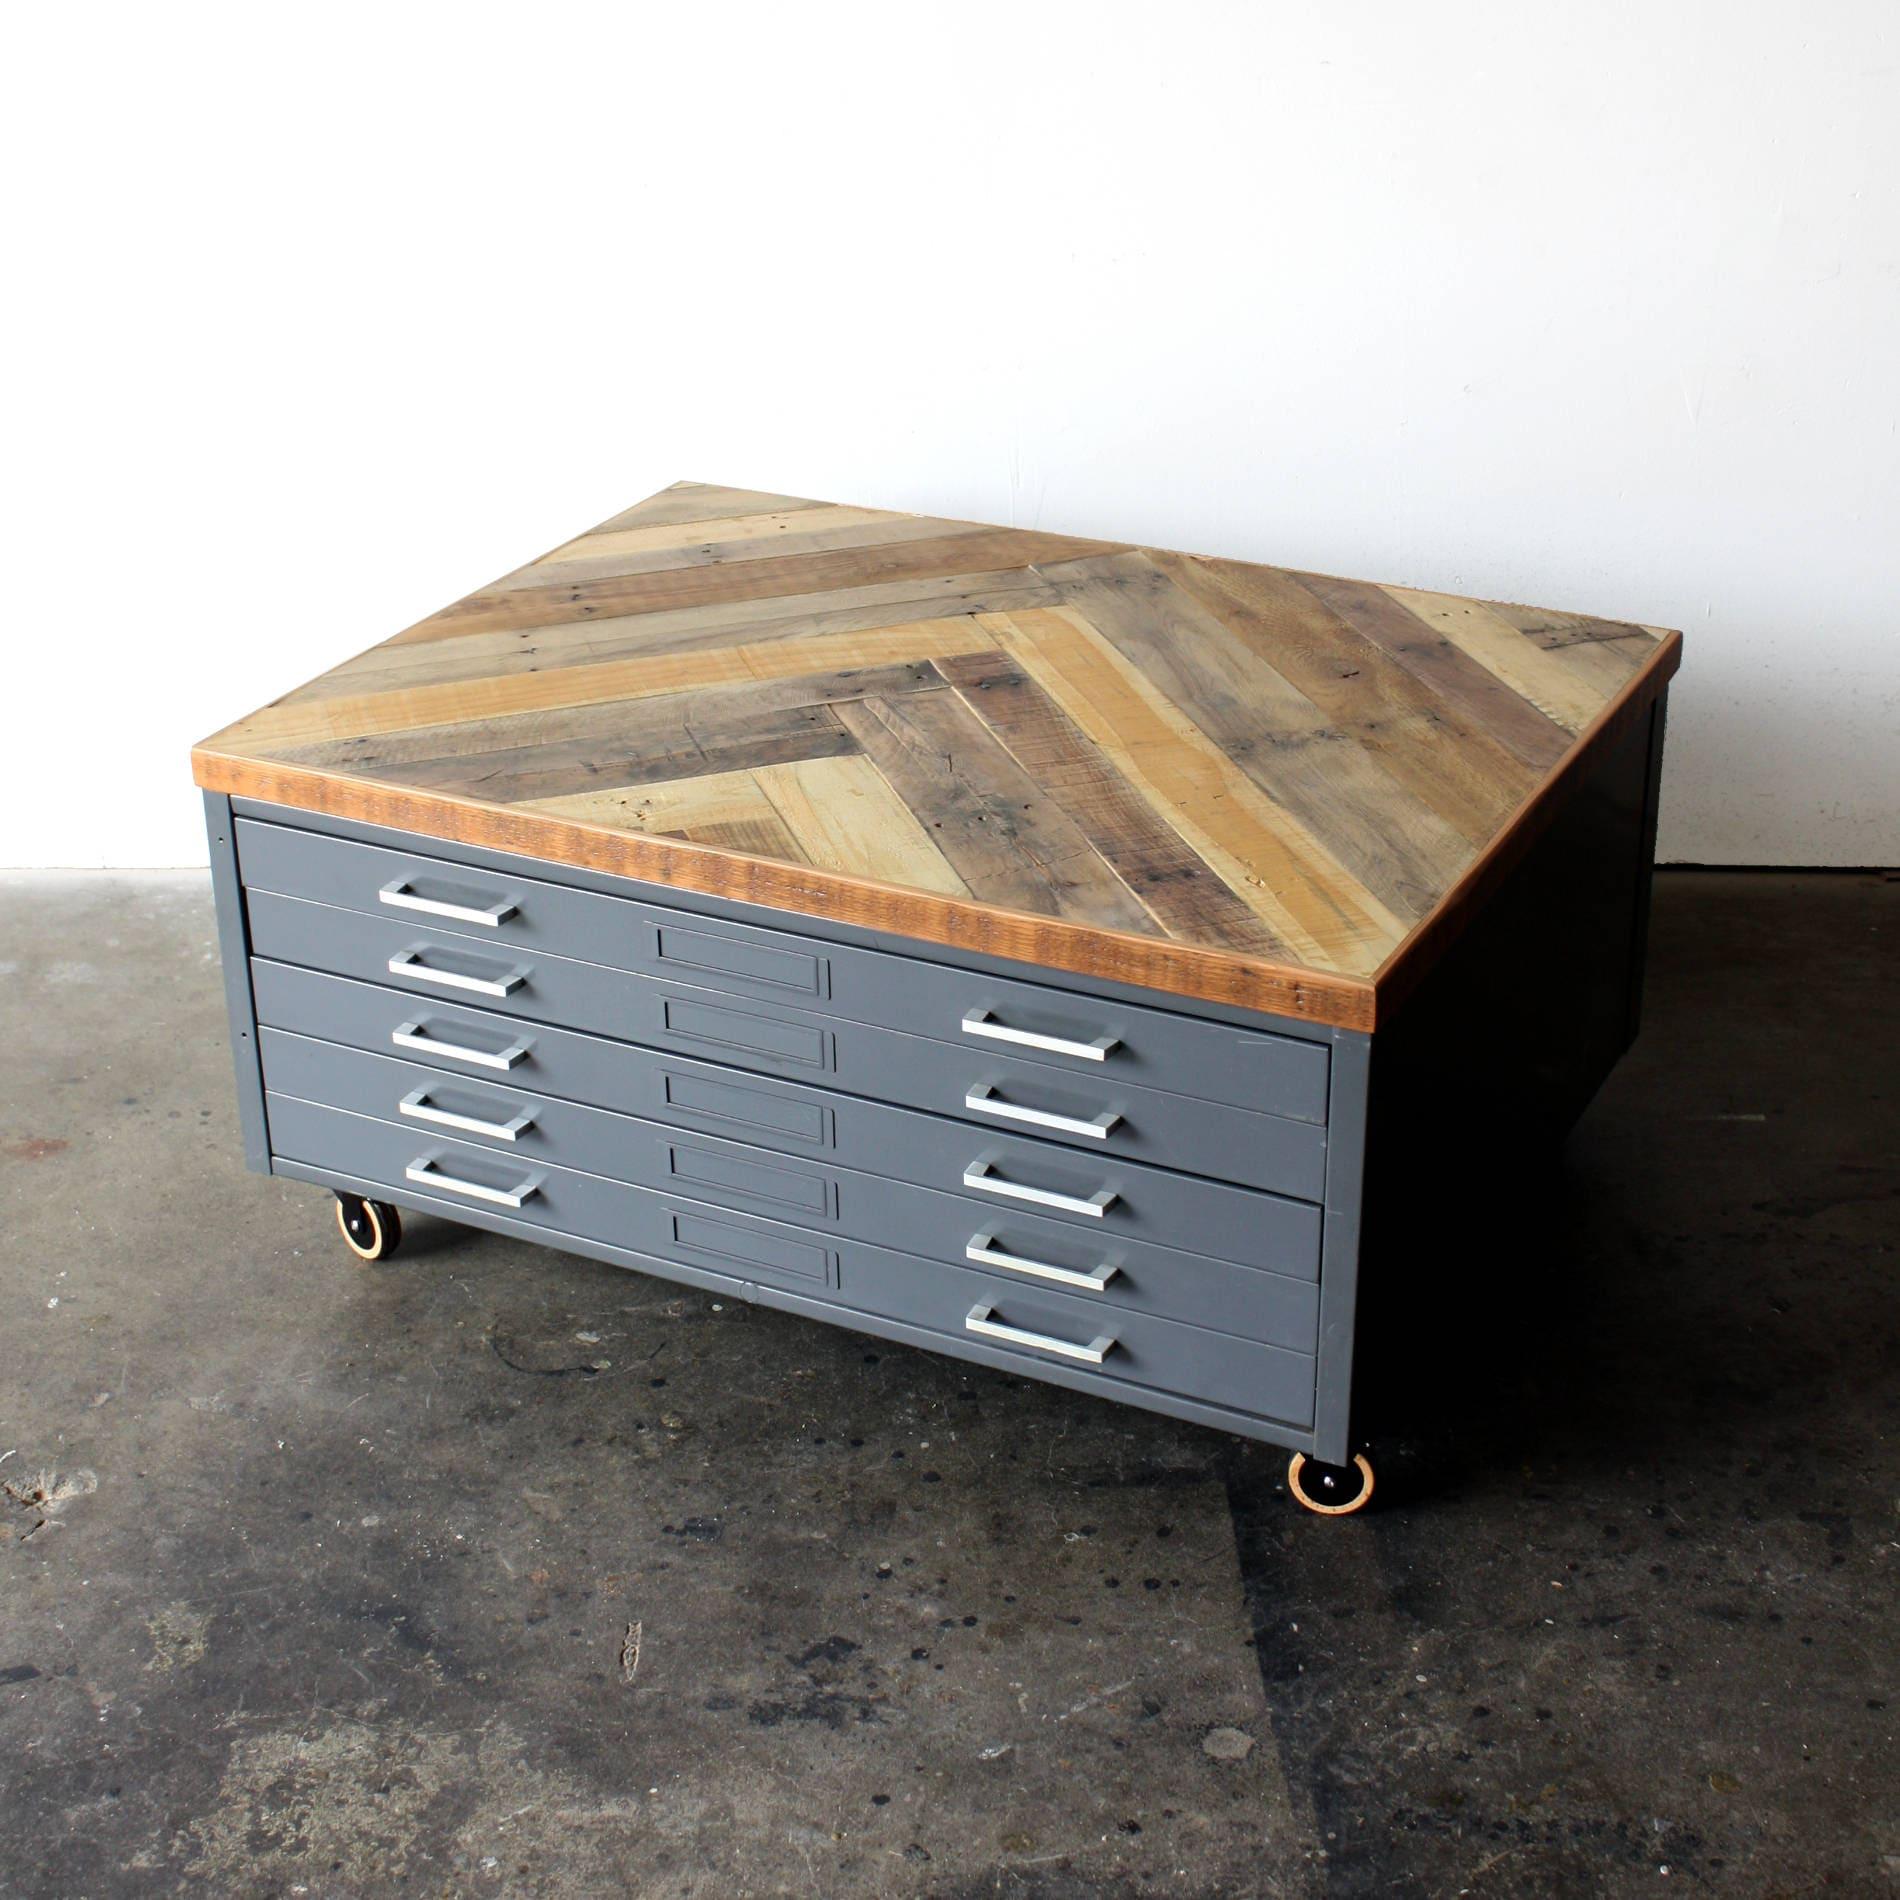 Industrial Storage Coffee Table Review: Repurposed Coffee Table Reclaimed Wood Herringbone Vintage